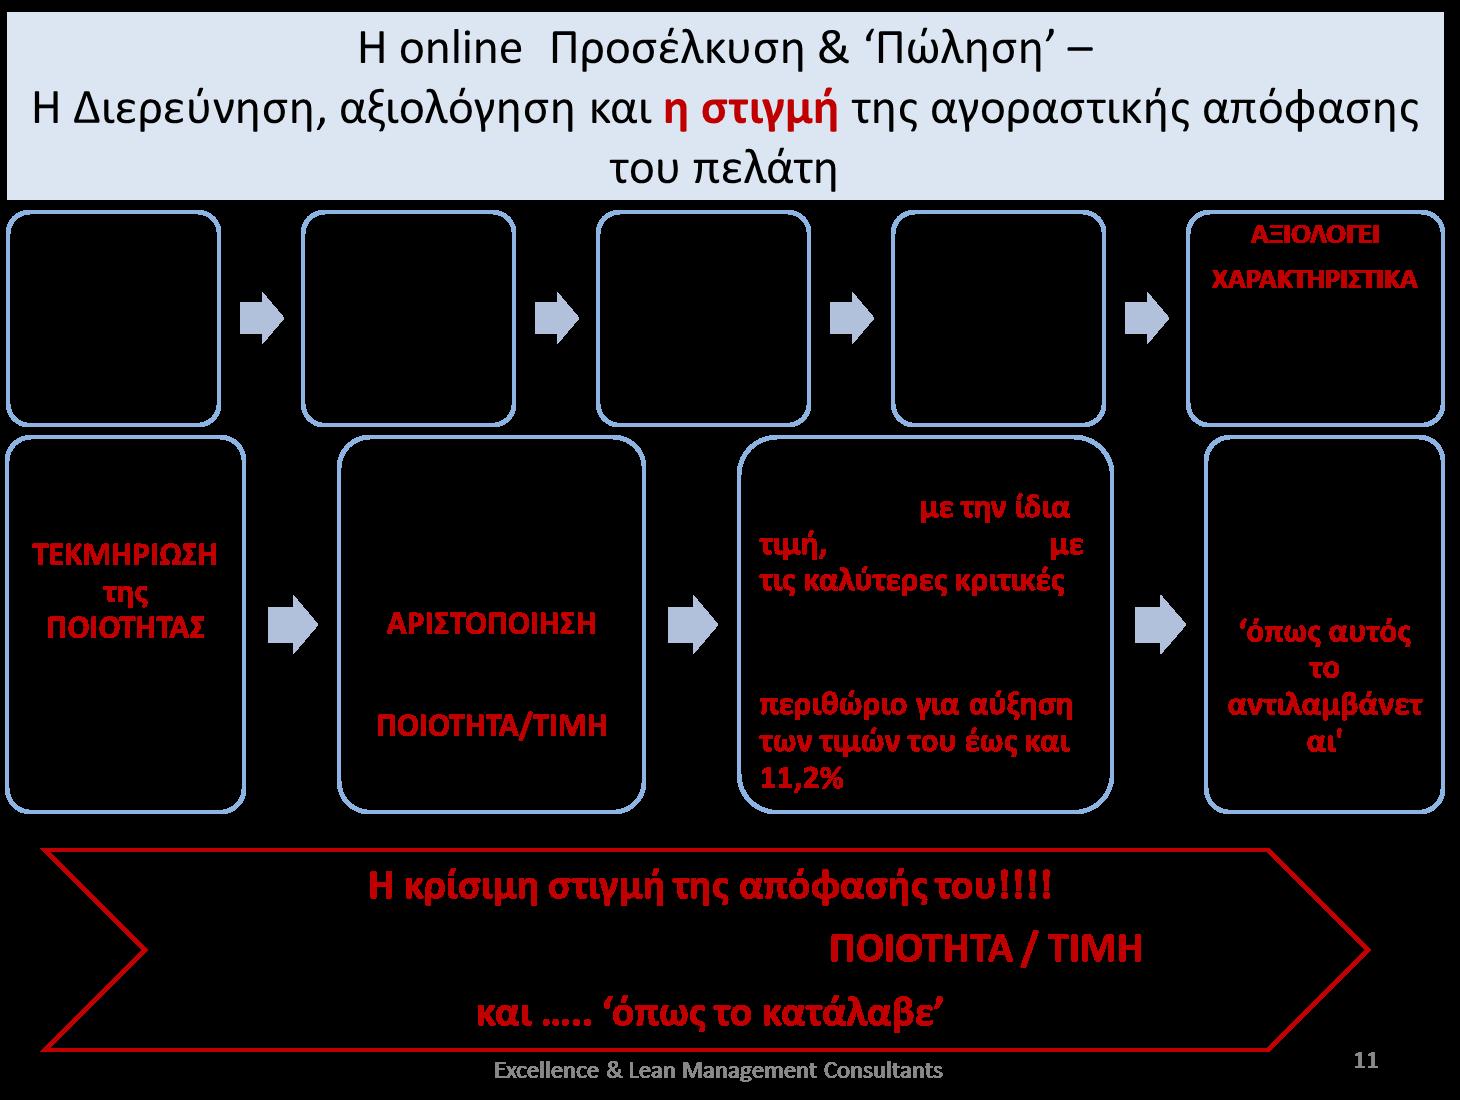 online-stigmi_agorastikisd_apofashs